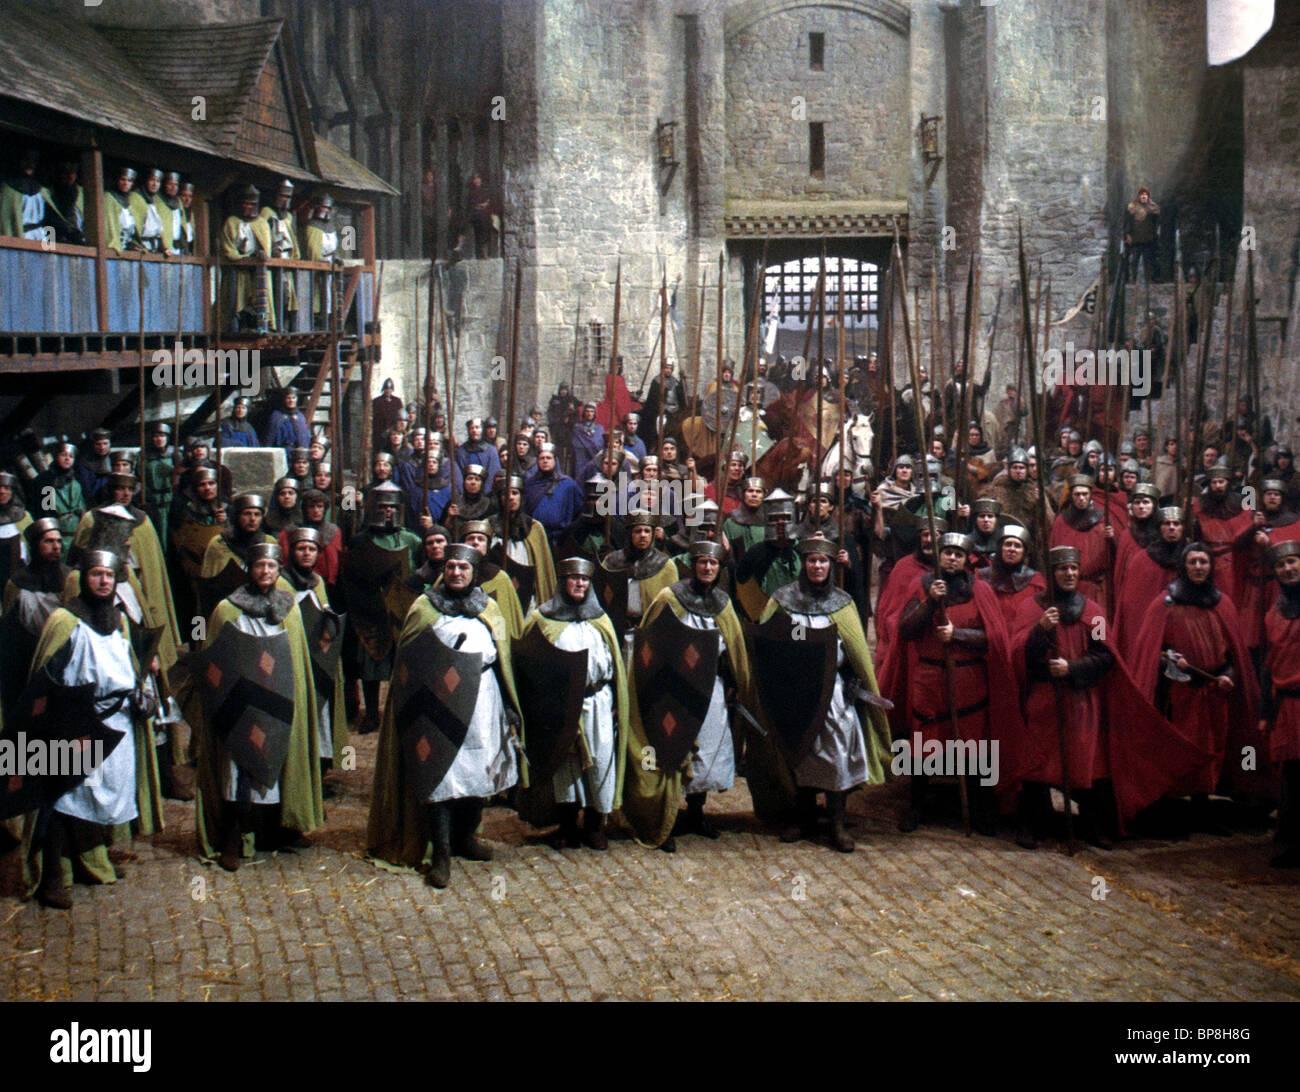 Soldati medievali LA TRAGEDIA DI MACBETH (1971) Immagini Stock